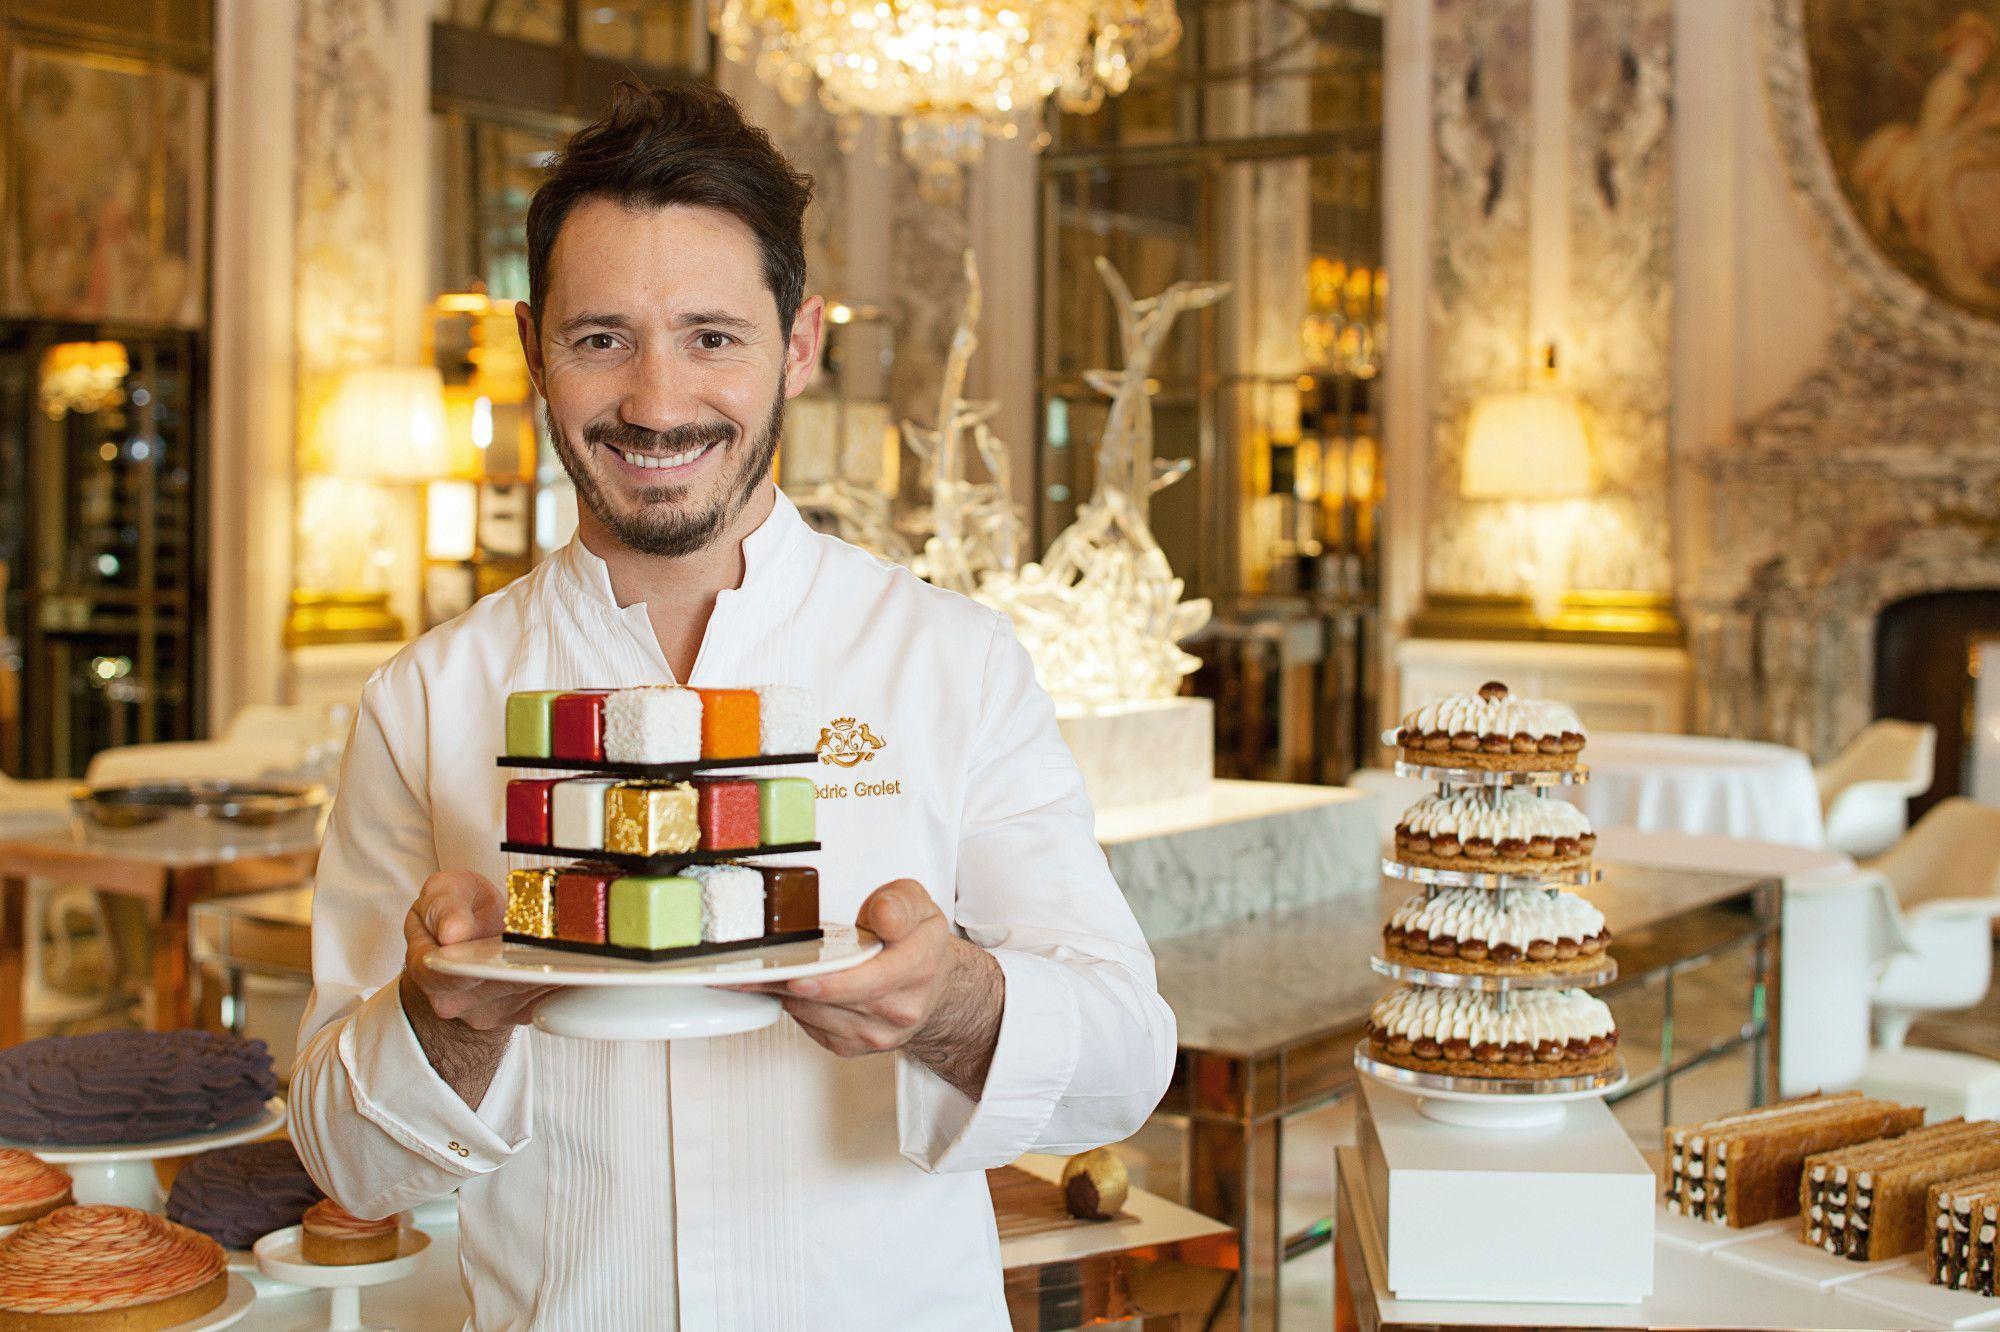 Cédric Grolet, le meilleur pâtissier du monde